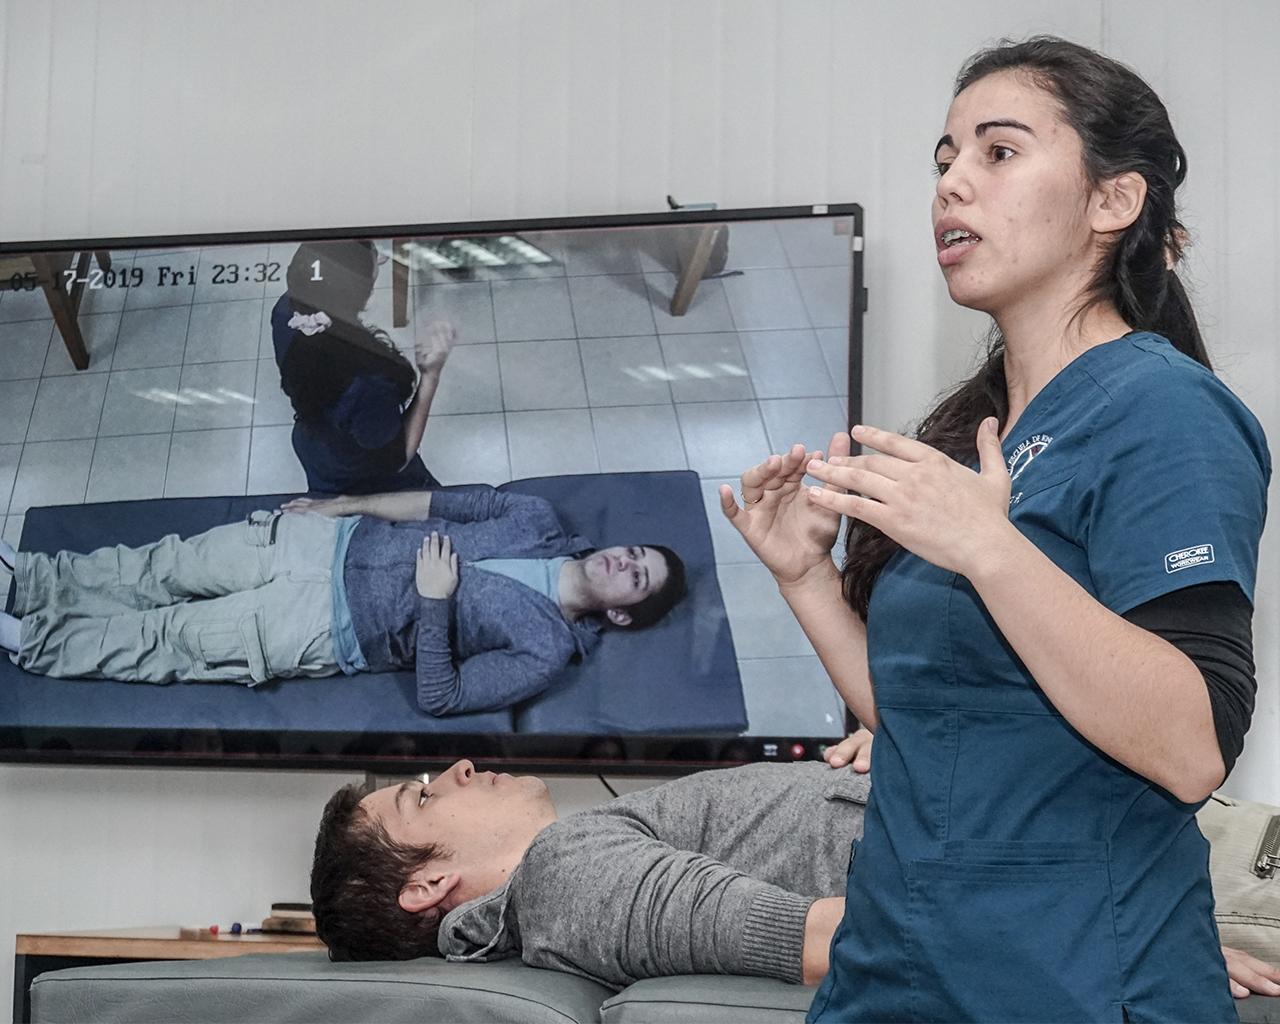 Laboratorios virtuales producen aprendizajes efectivos en estudiantes de Salud